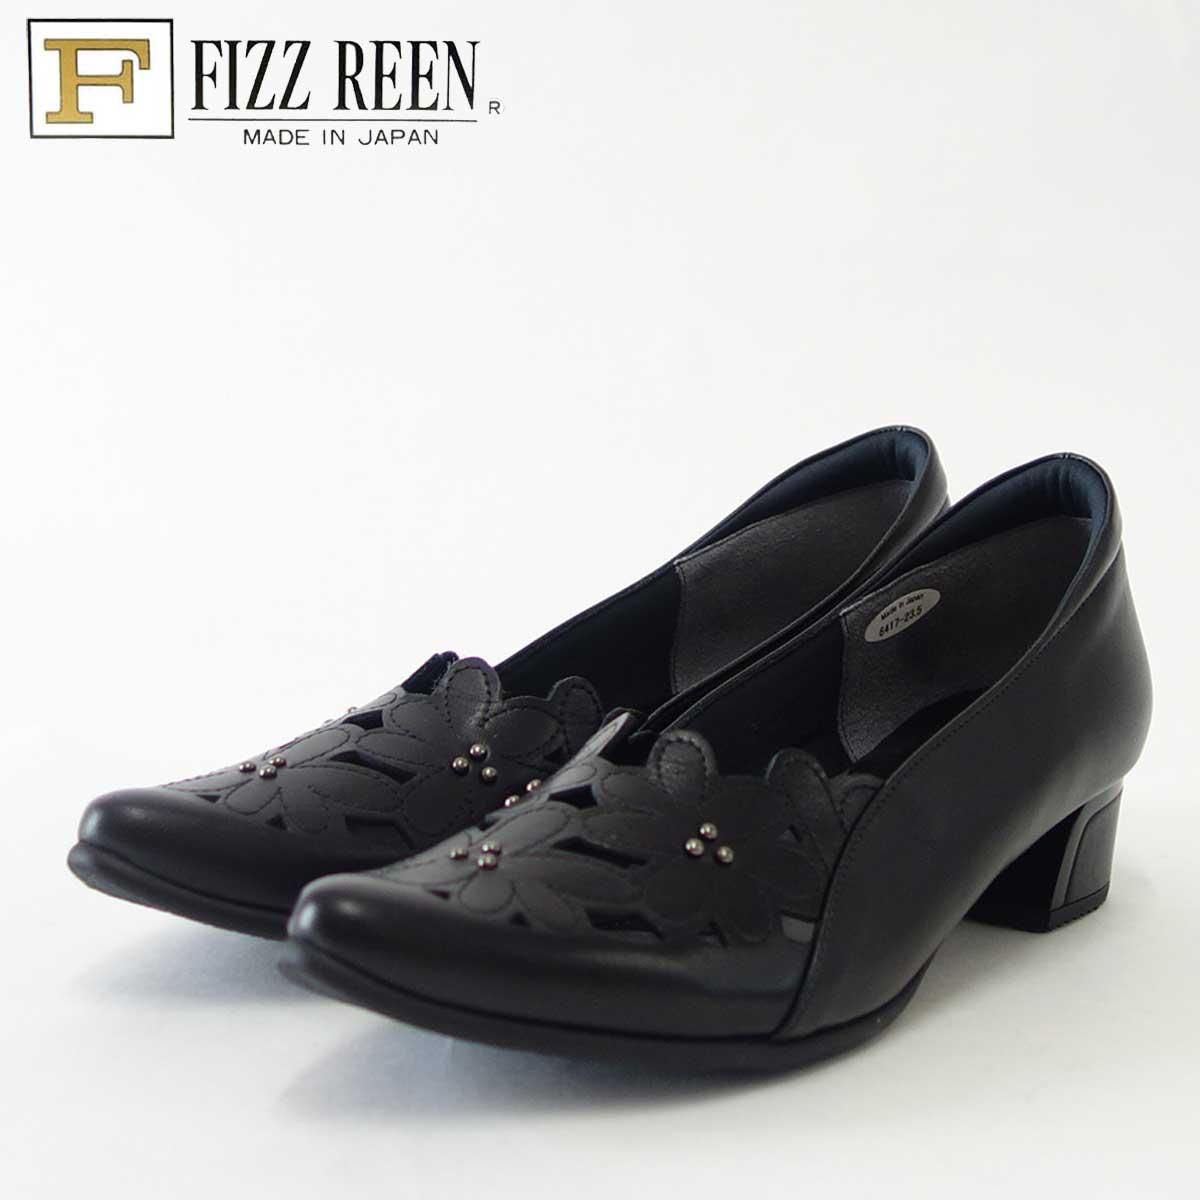 FIZZ REEN フィズリーン 6417 ブラック(レディース)快適EEEのローヒールパンプス(日本製)「靴」